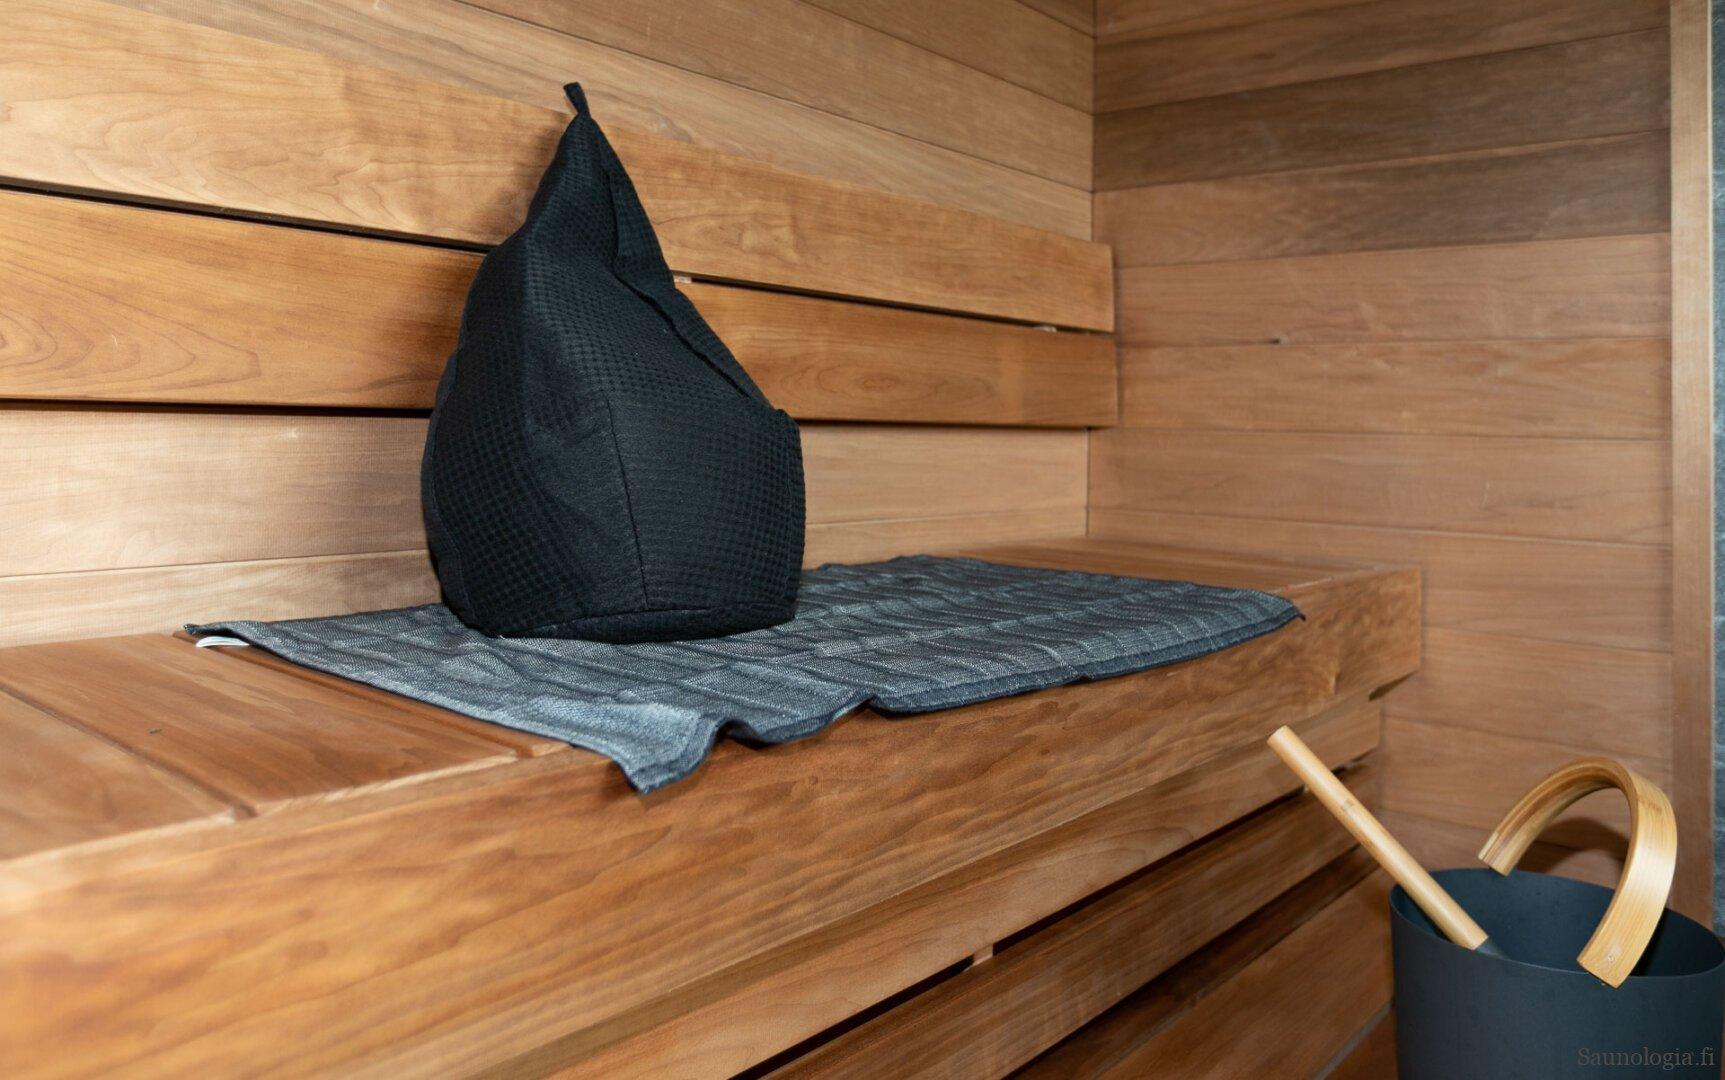 210711-asuntomessut-2021-8-saunasakki-1730